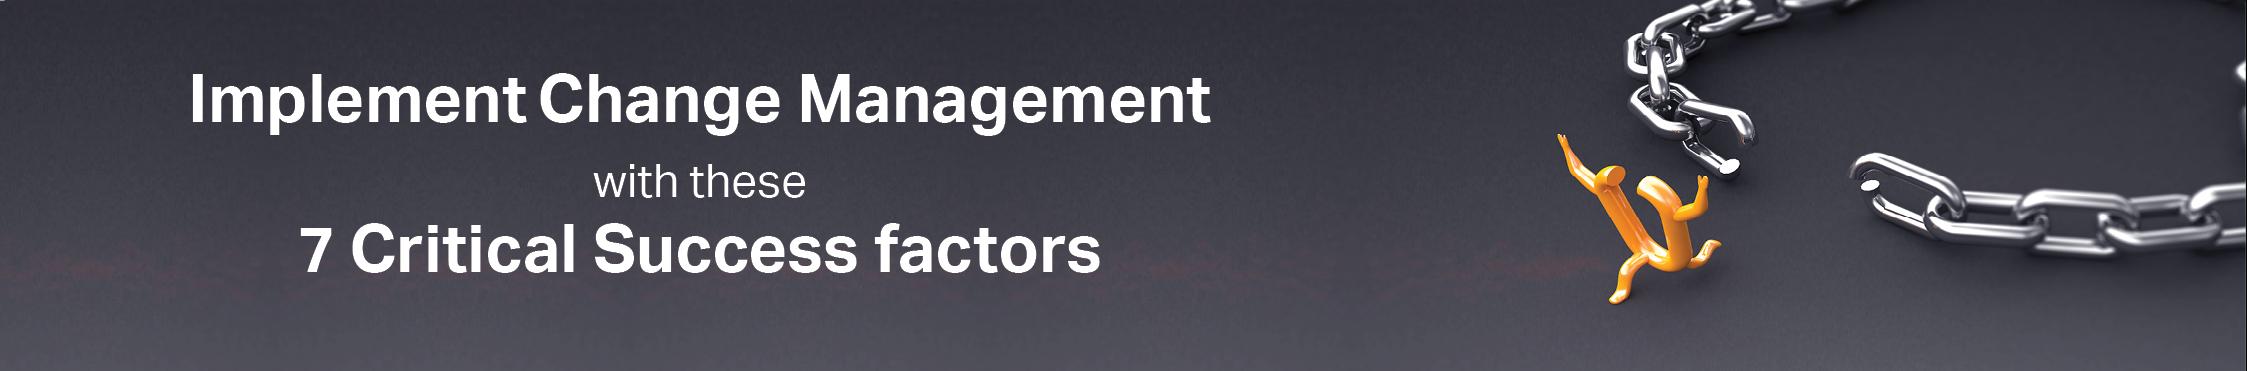 Change Management WP Header